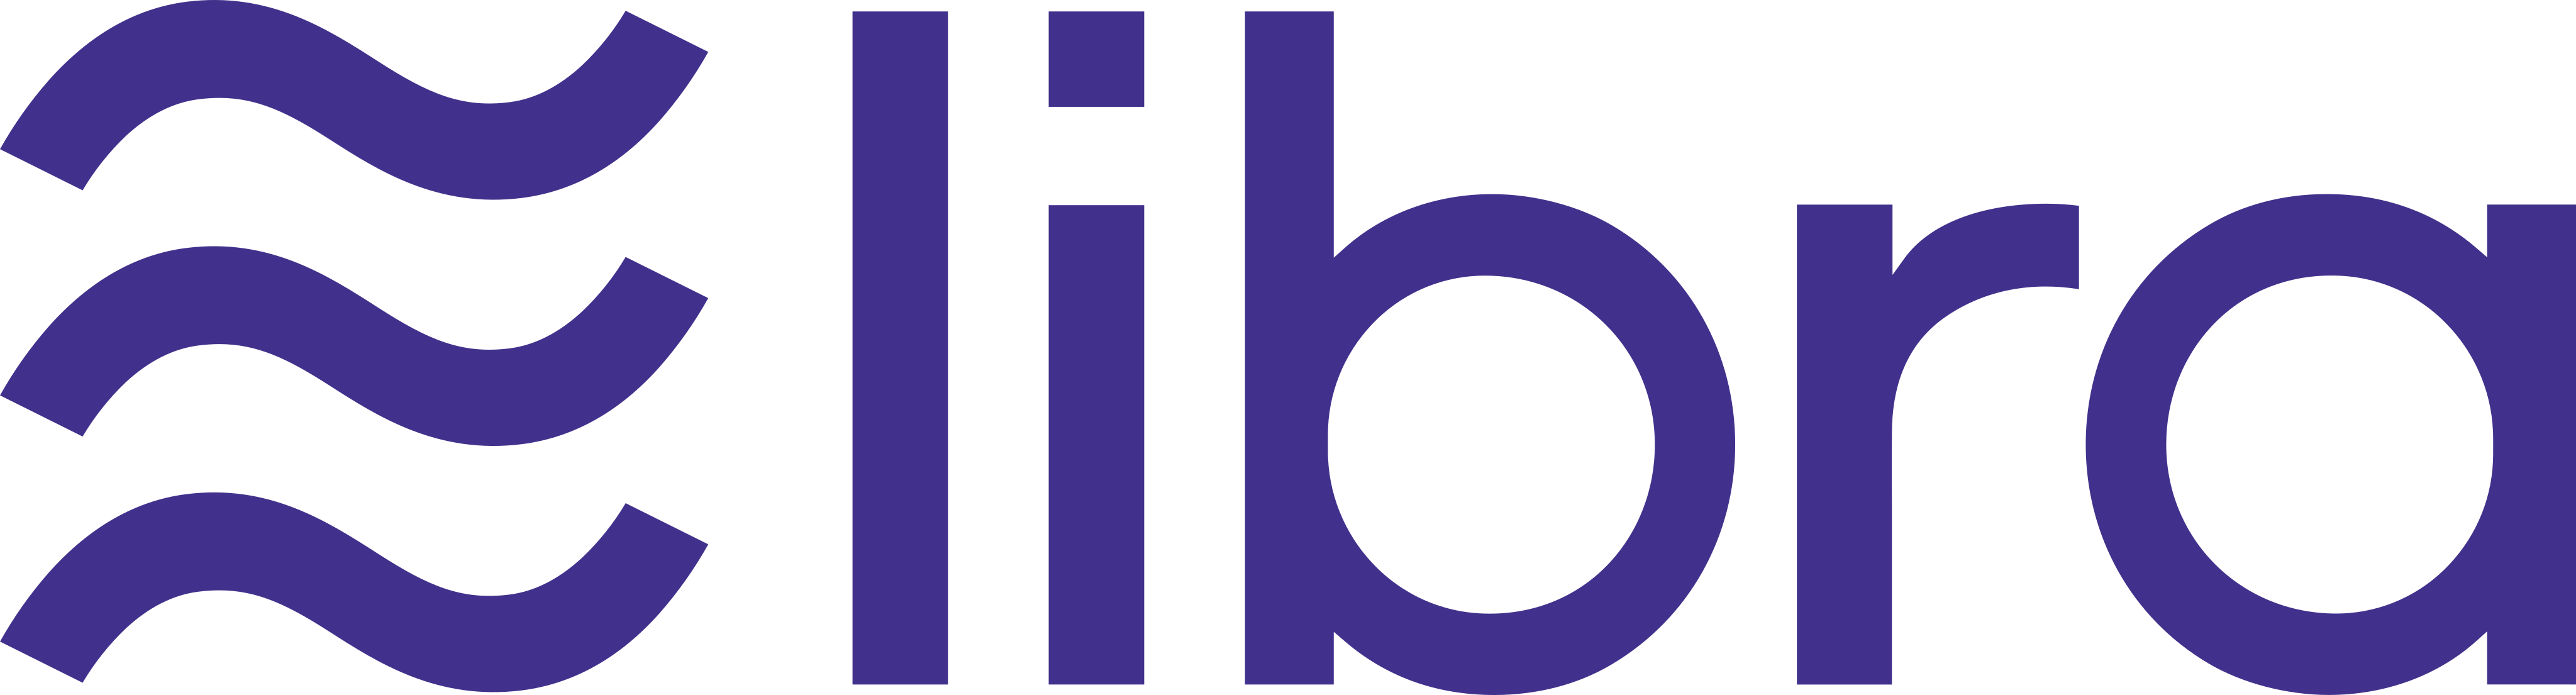 libra logo - Libra Logo